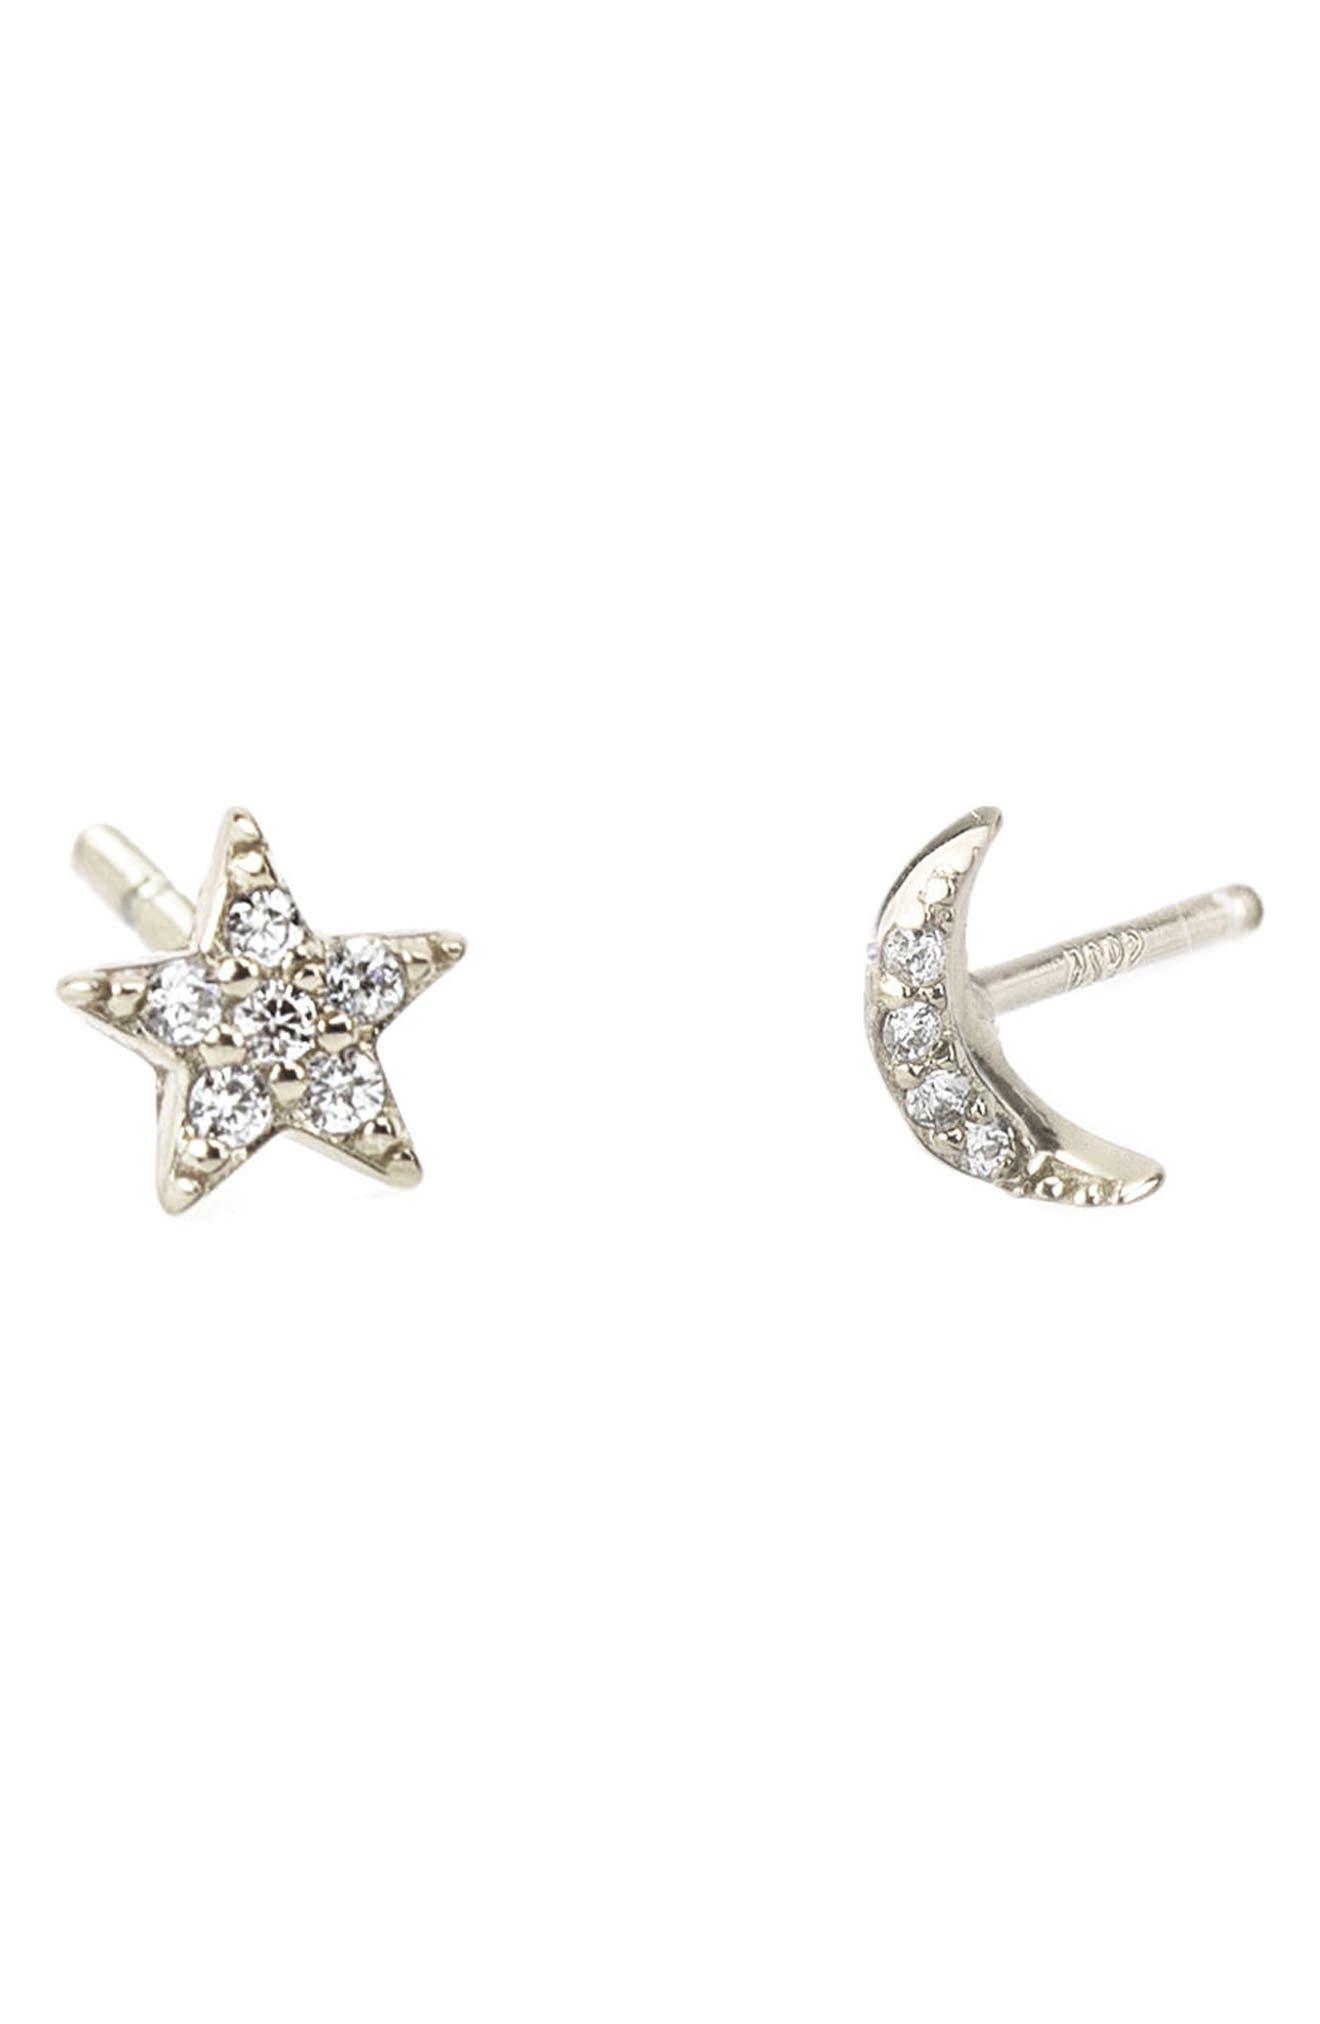 Alternate Image 1 Selected - Kris Nations Pavé Star & Moon Stud Earrings